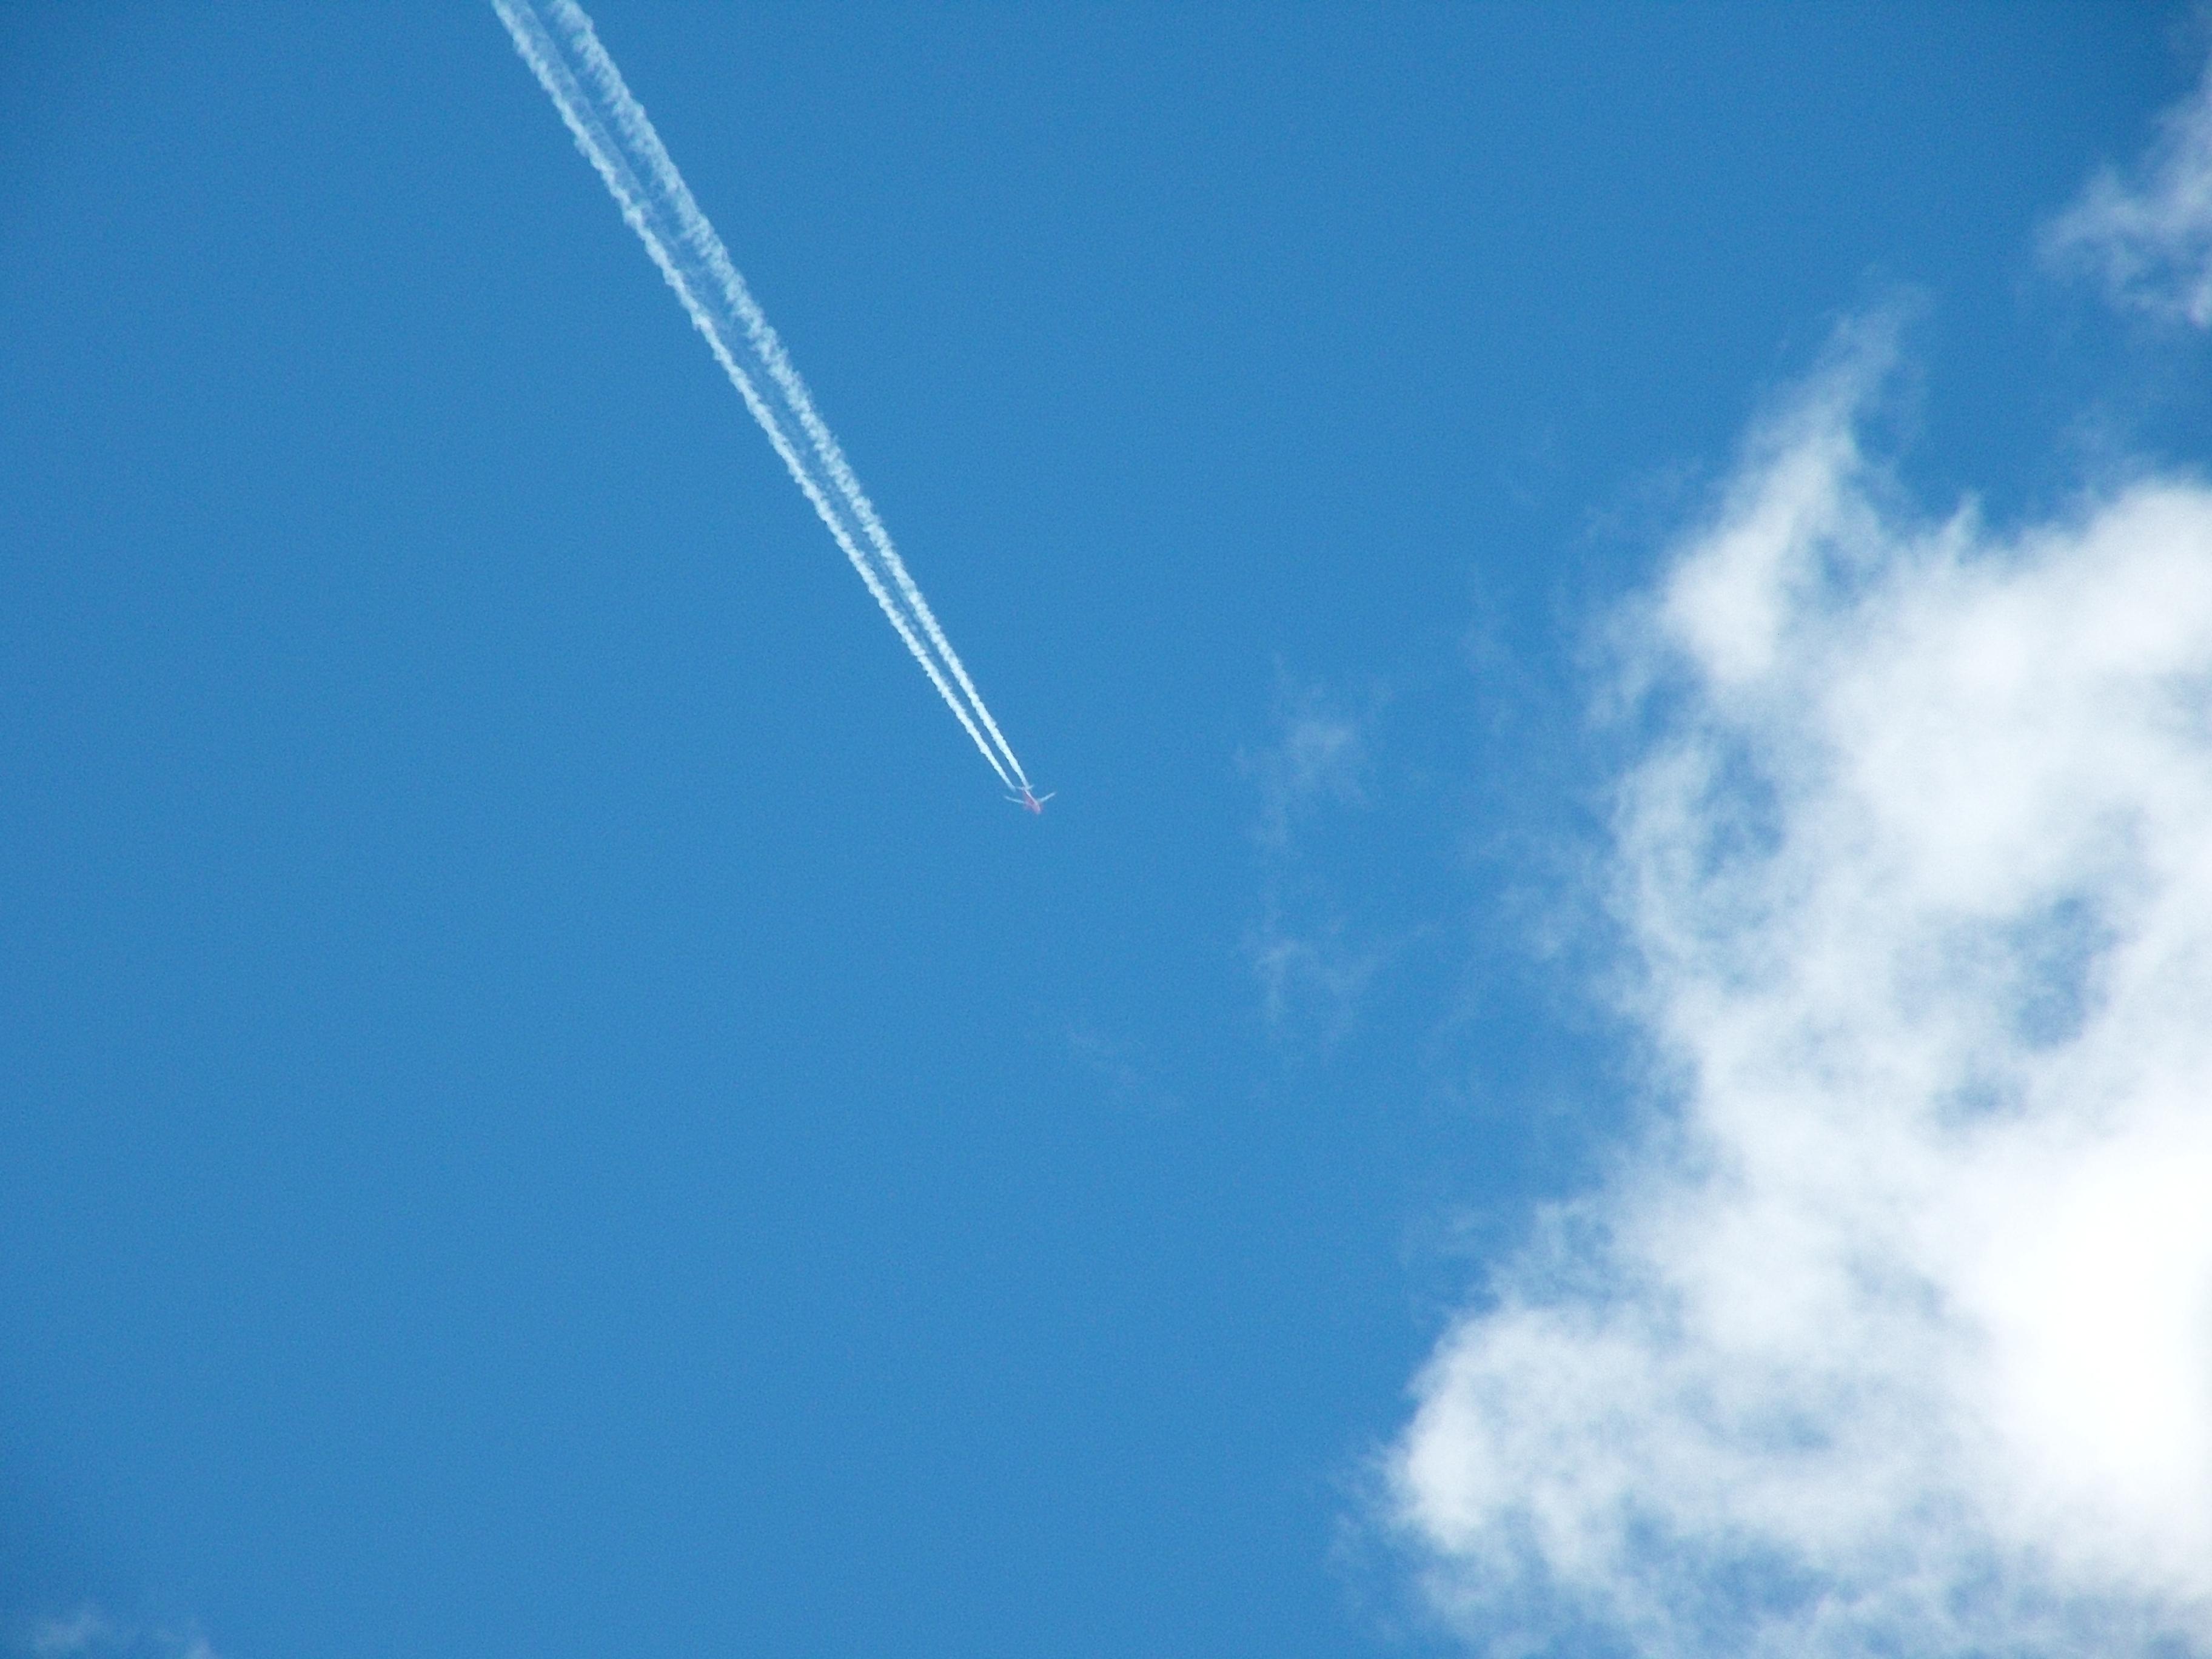 White stripe, Aerial, Airplane, Blue, Clouds, HQ Photo